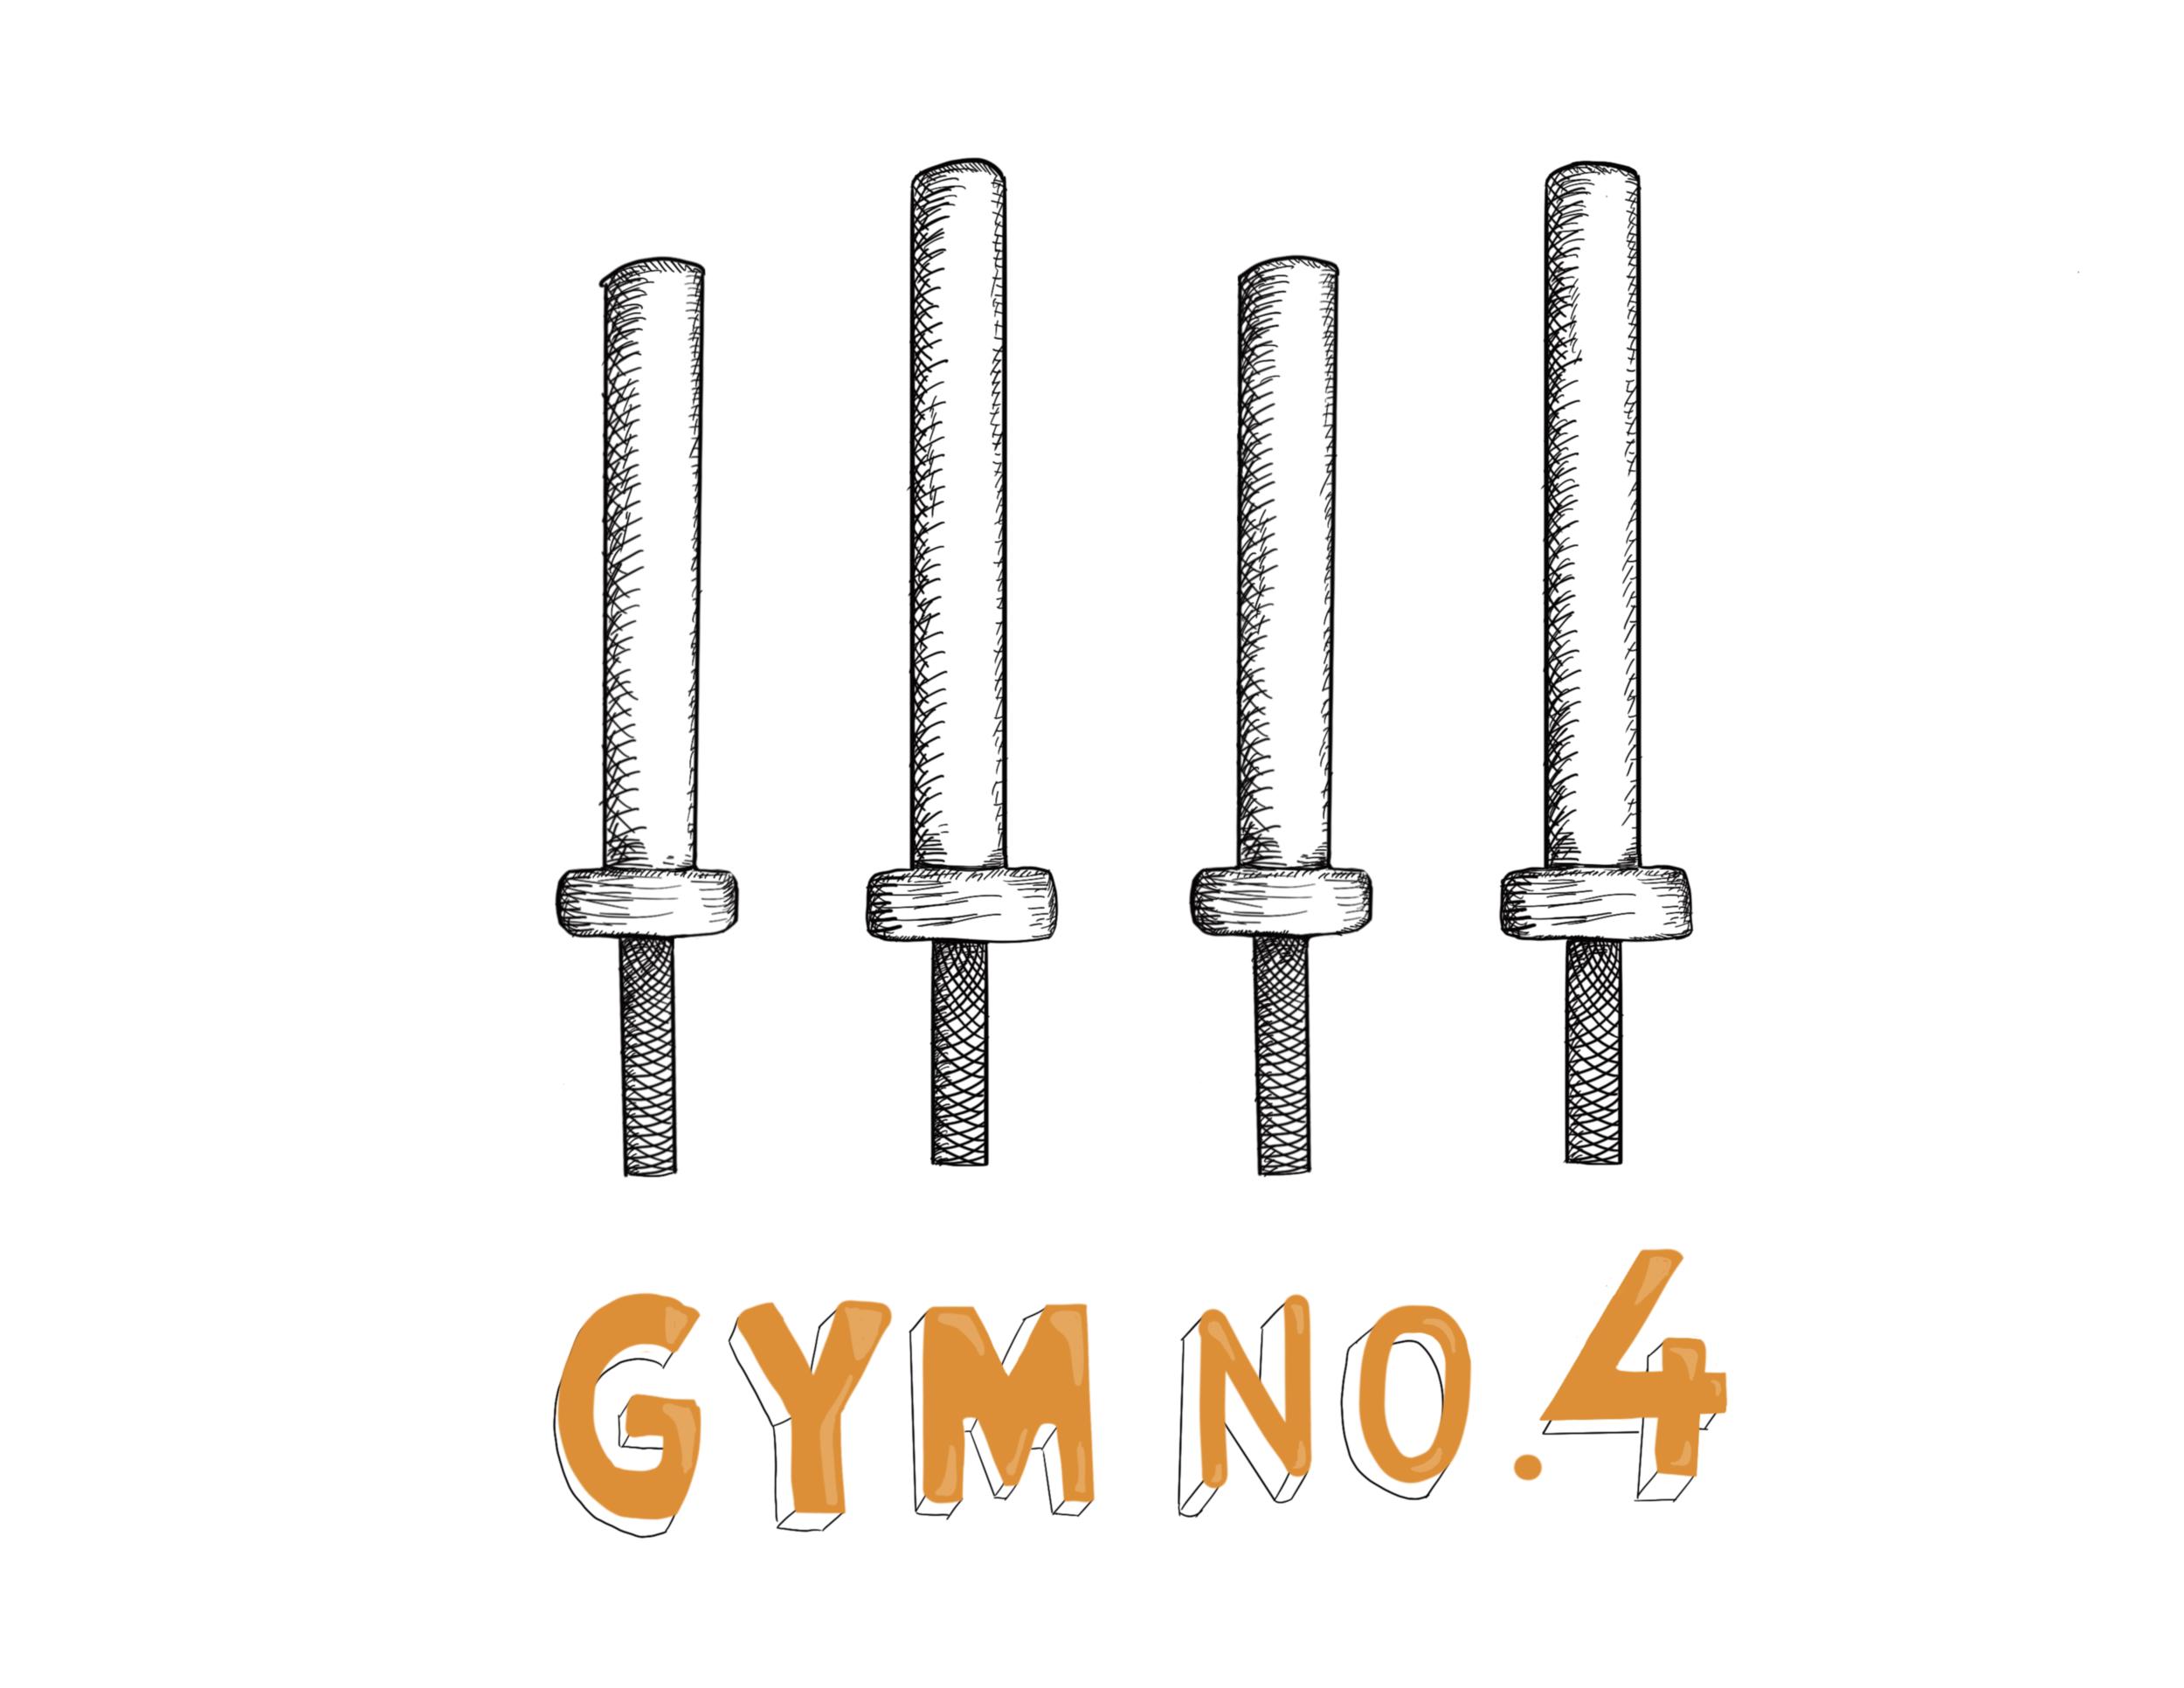 Gym No. 4